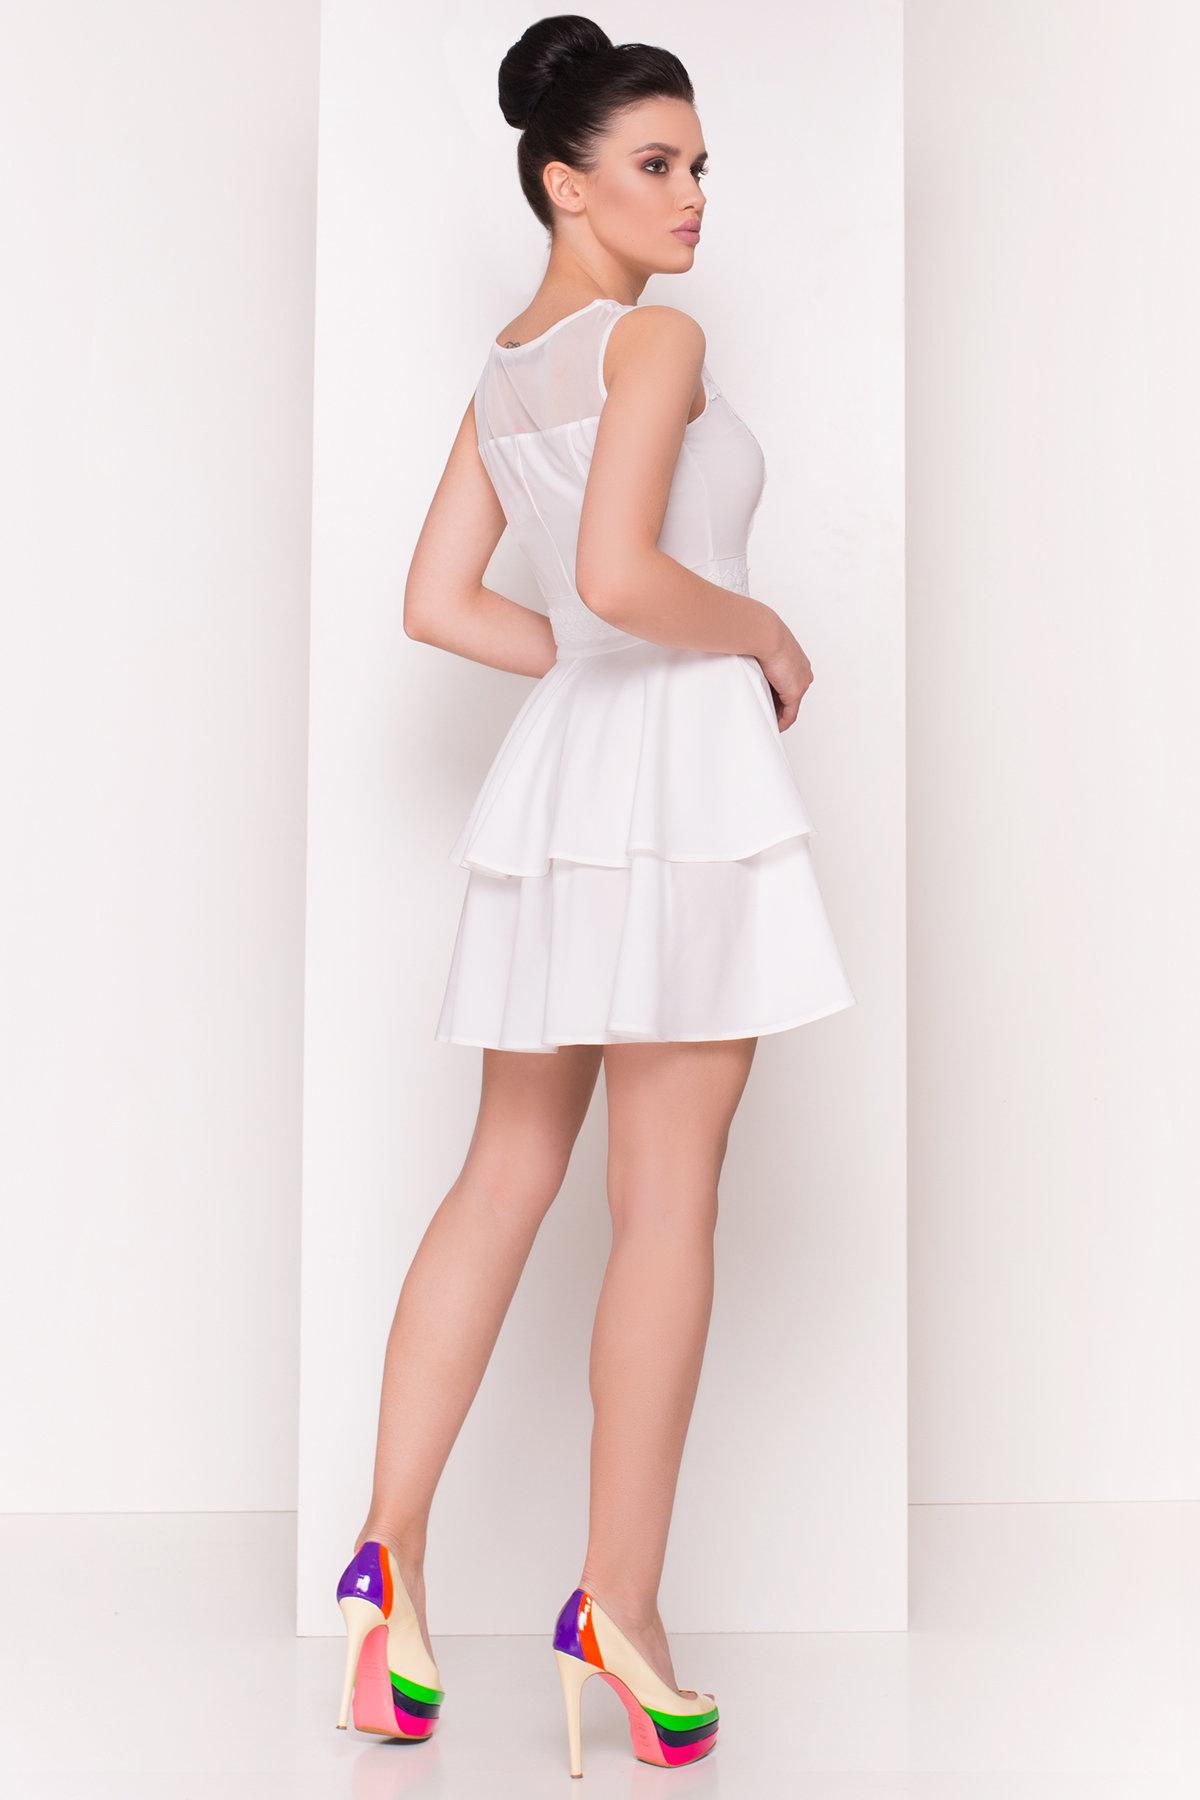 Платье Рина 4933 АРТ. 34959 Цвет: Молоко - фото 2, интернет магазин tm-modus.ru